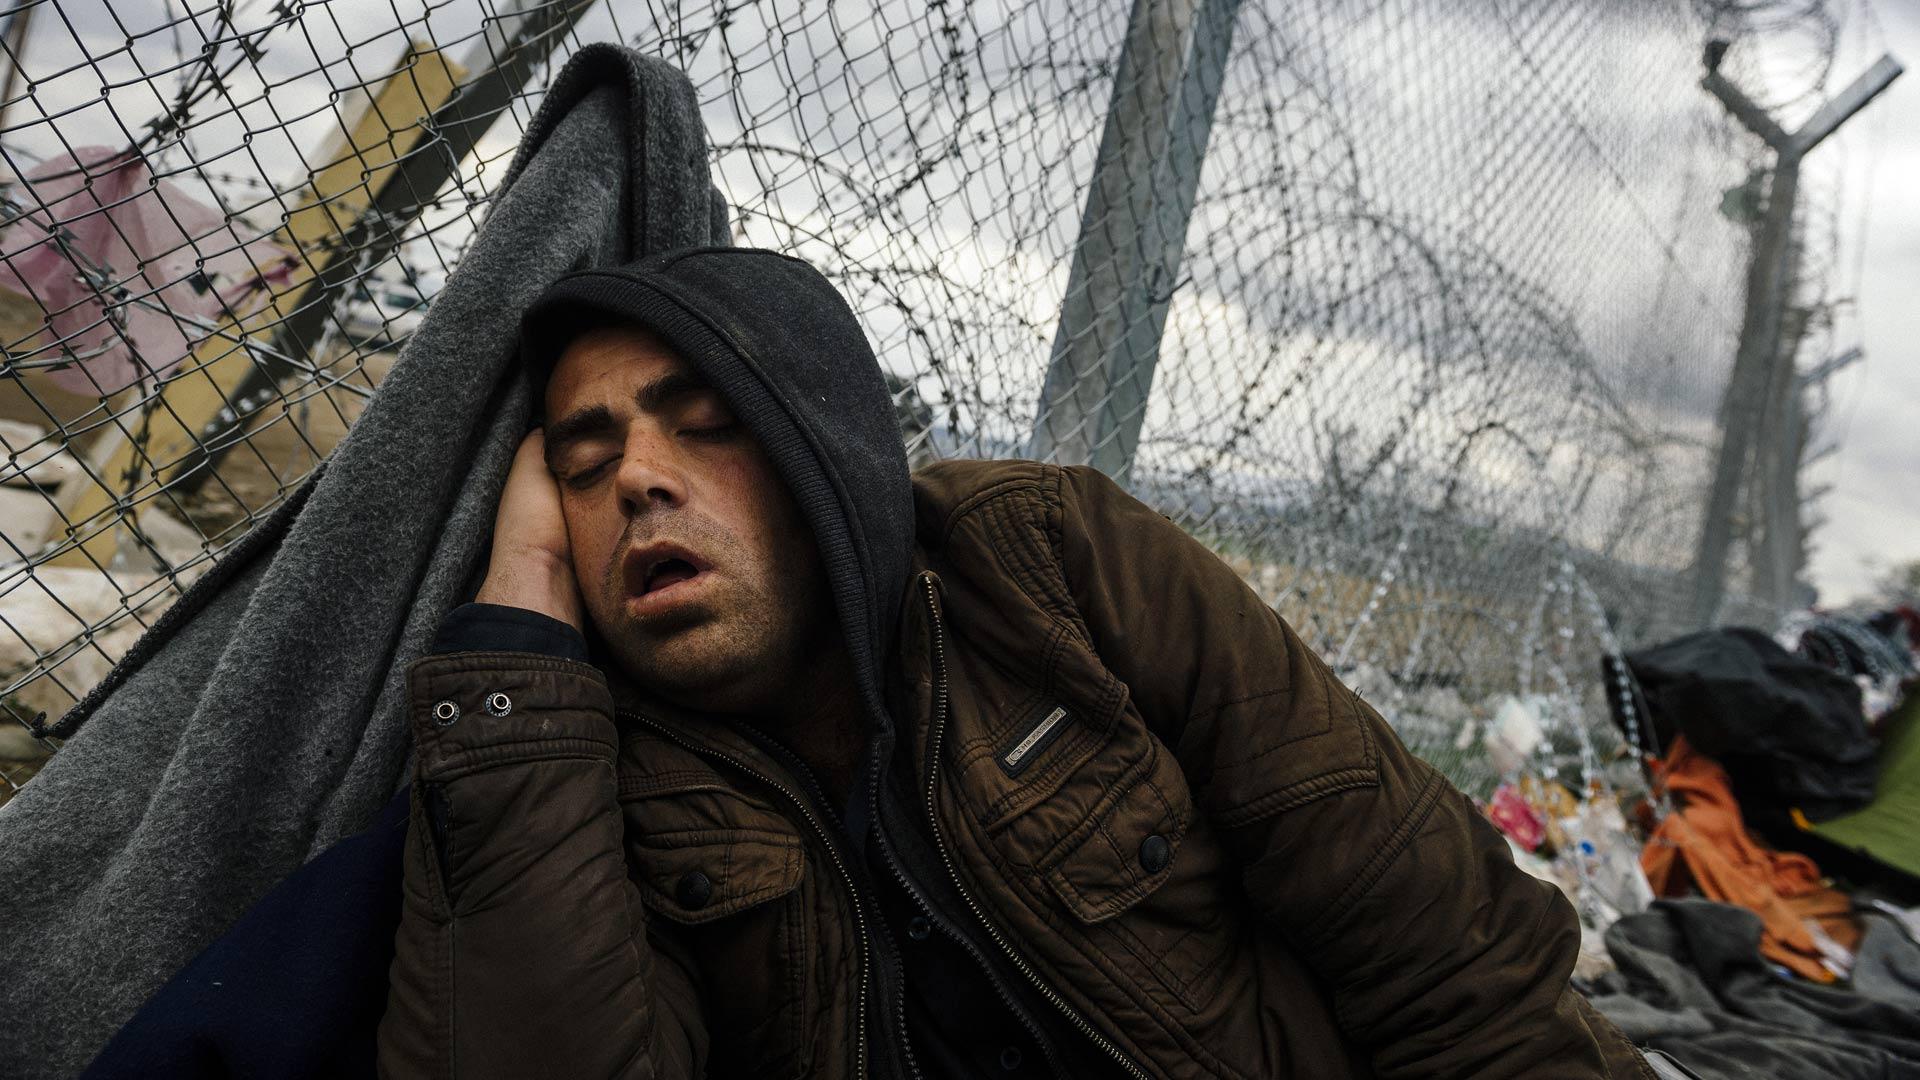 Al salir de sus países creen que todo mejorará, pero la realidad con que se encuentran los golpea duro